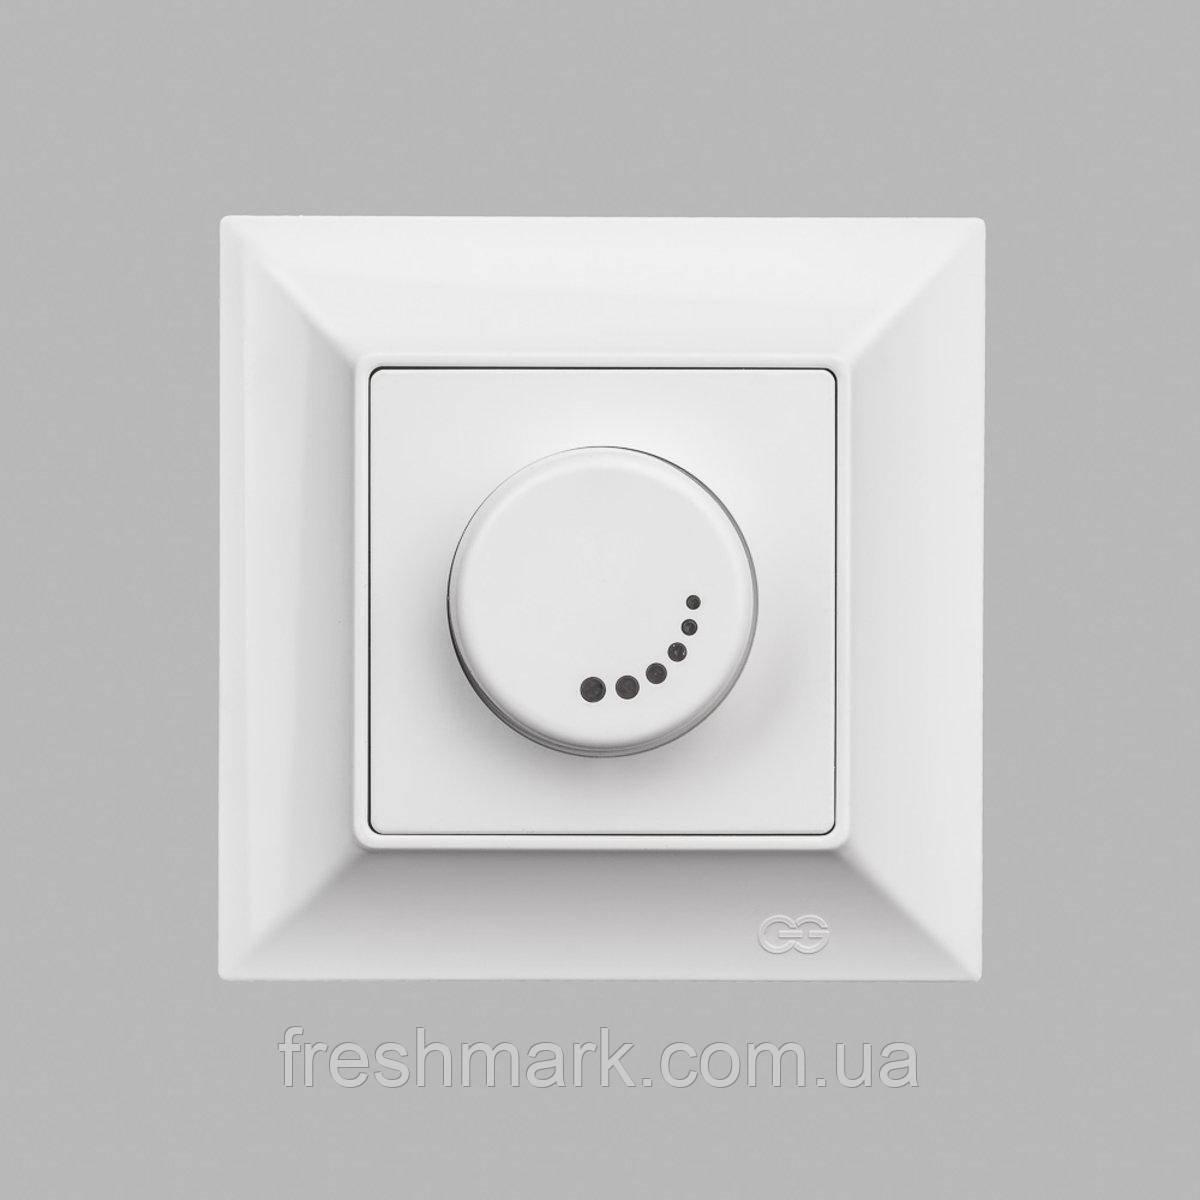 Светорегулятор GUNSAN Neoline 1000Вт с подстветкой Белый